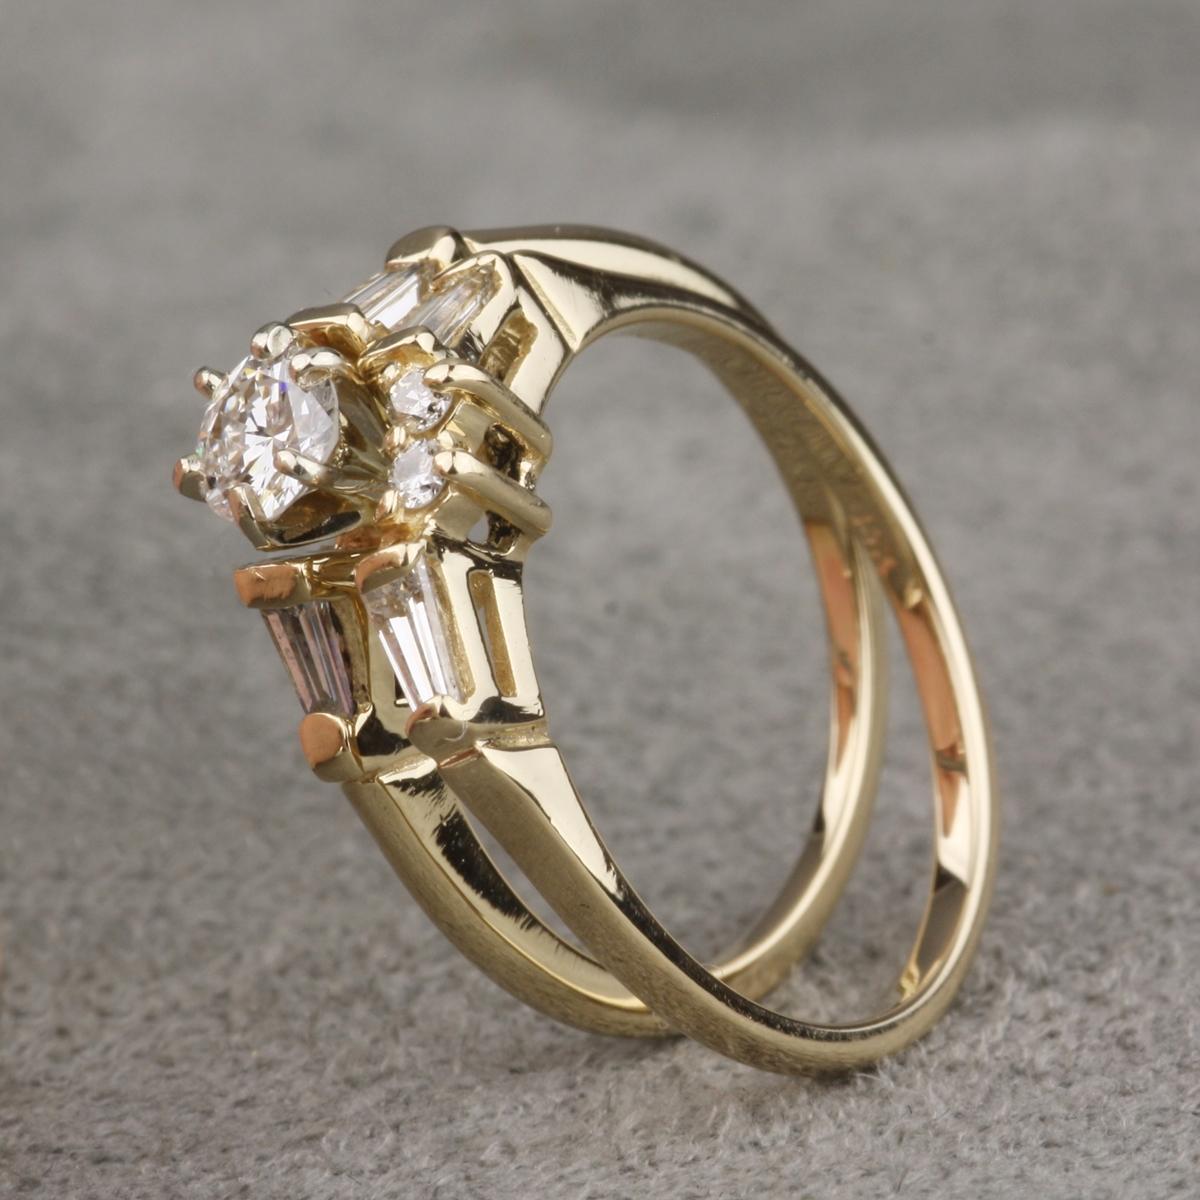 preowned diamond wedding set